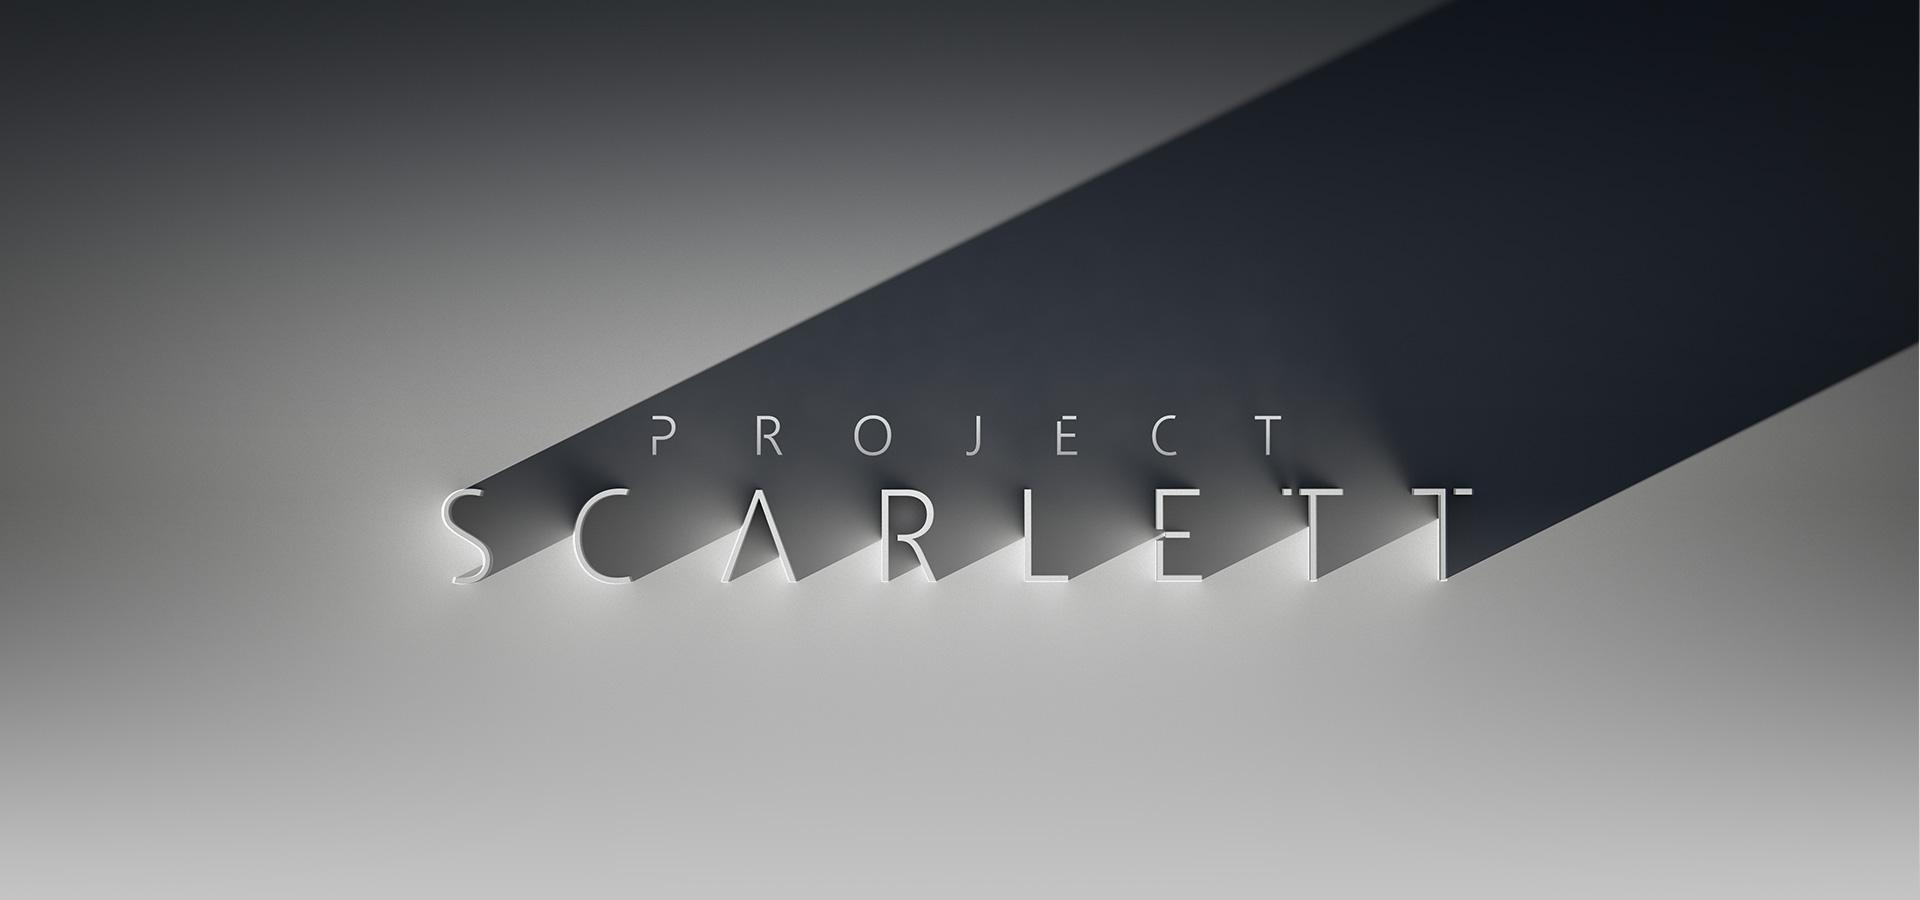 Project Scarlett 2019